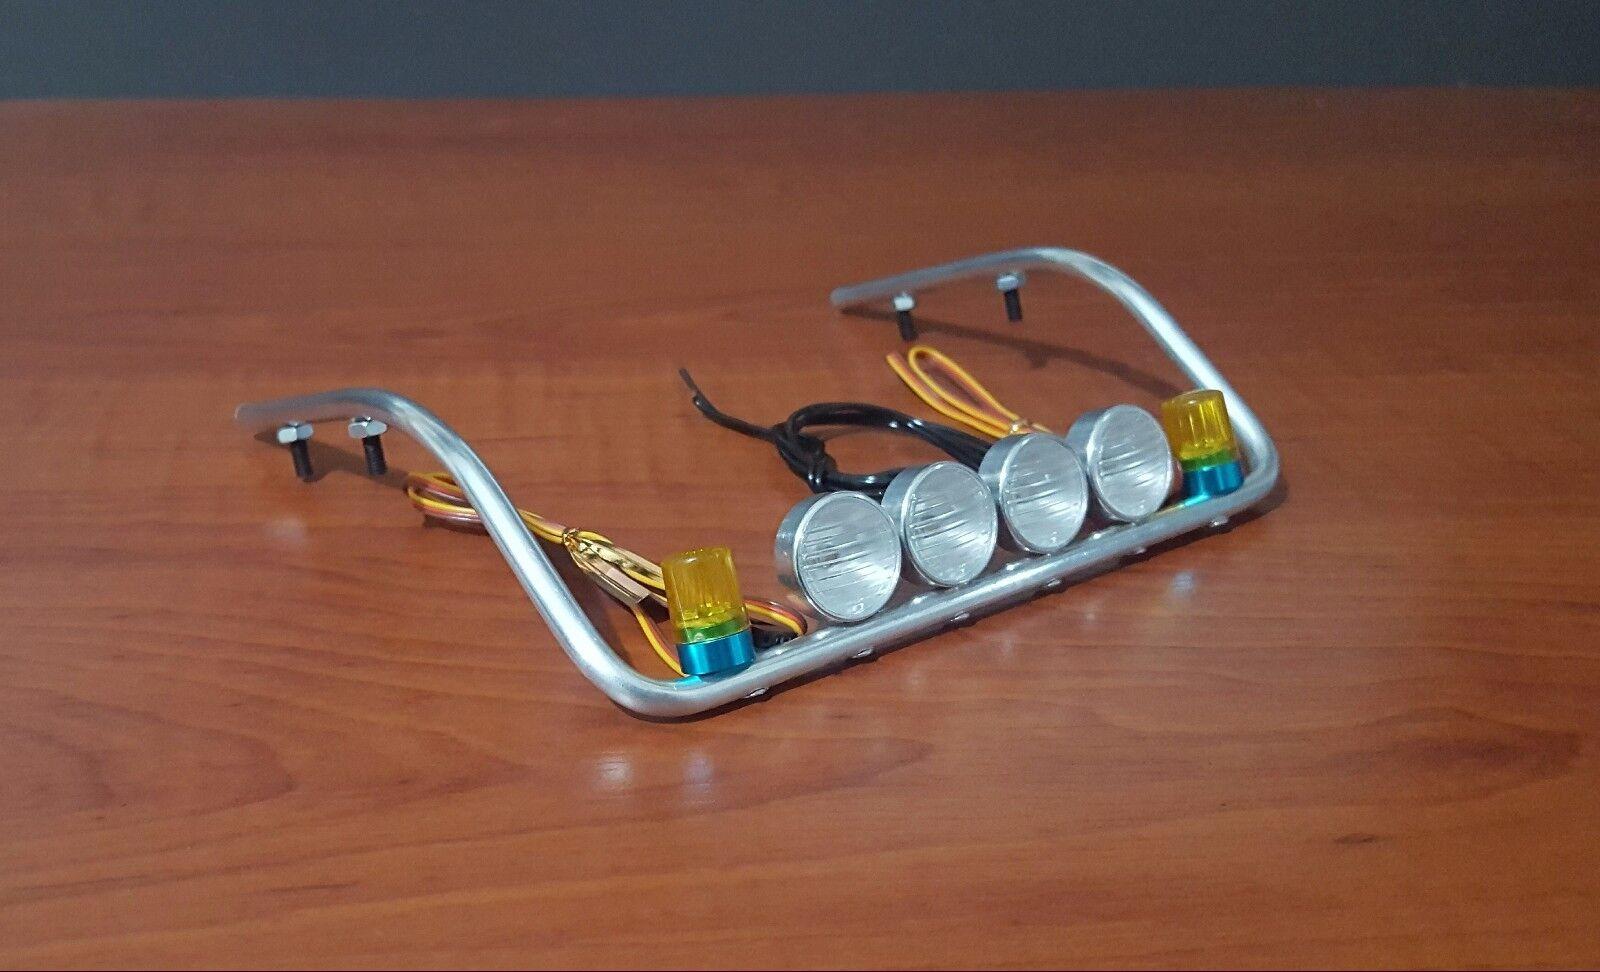 Nuevo 1 14 Tamiya Actros Multi-función intermitente CH3 modo de metal roofbar 4 Luz